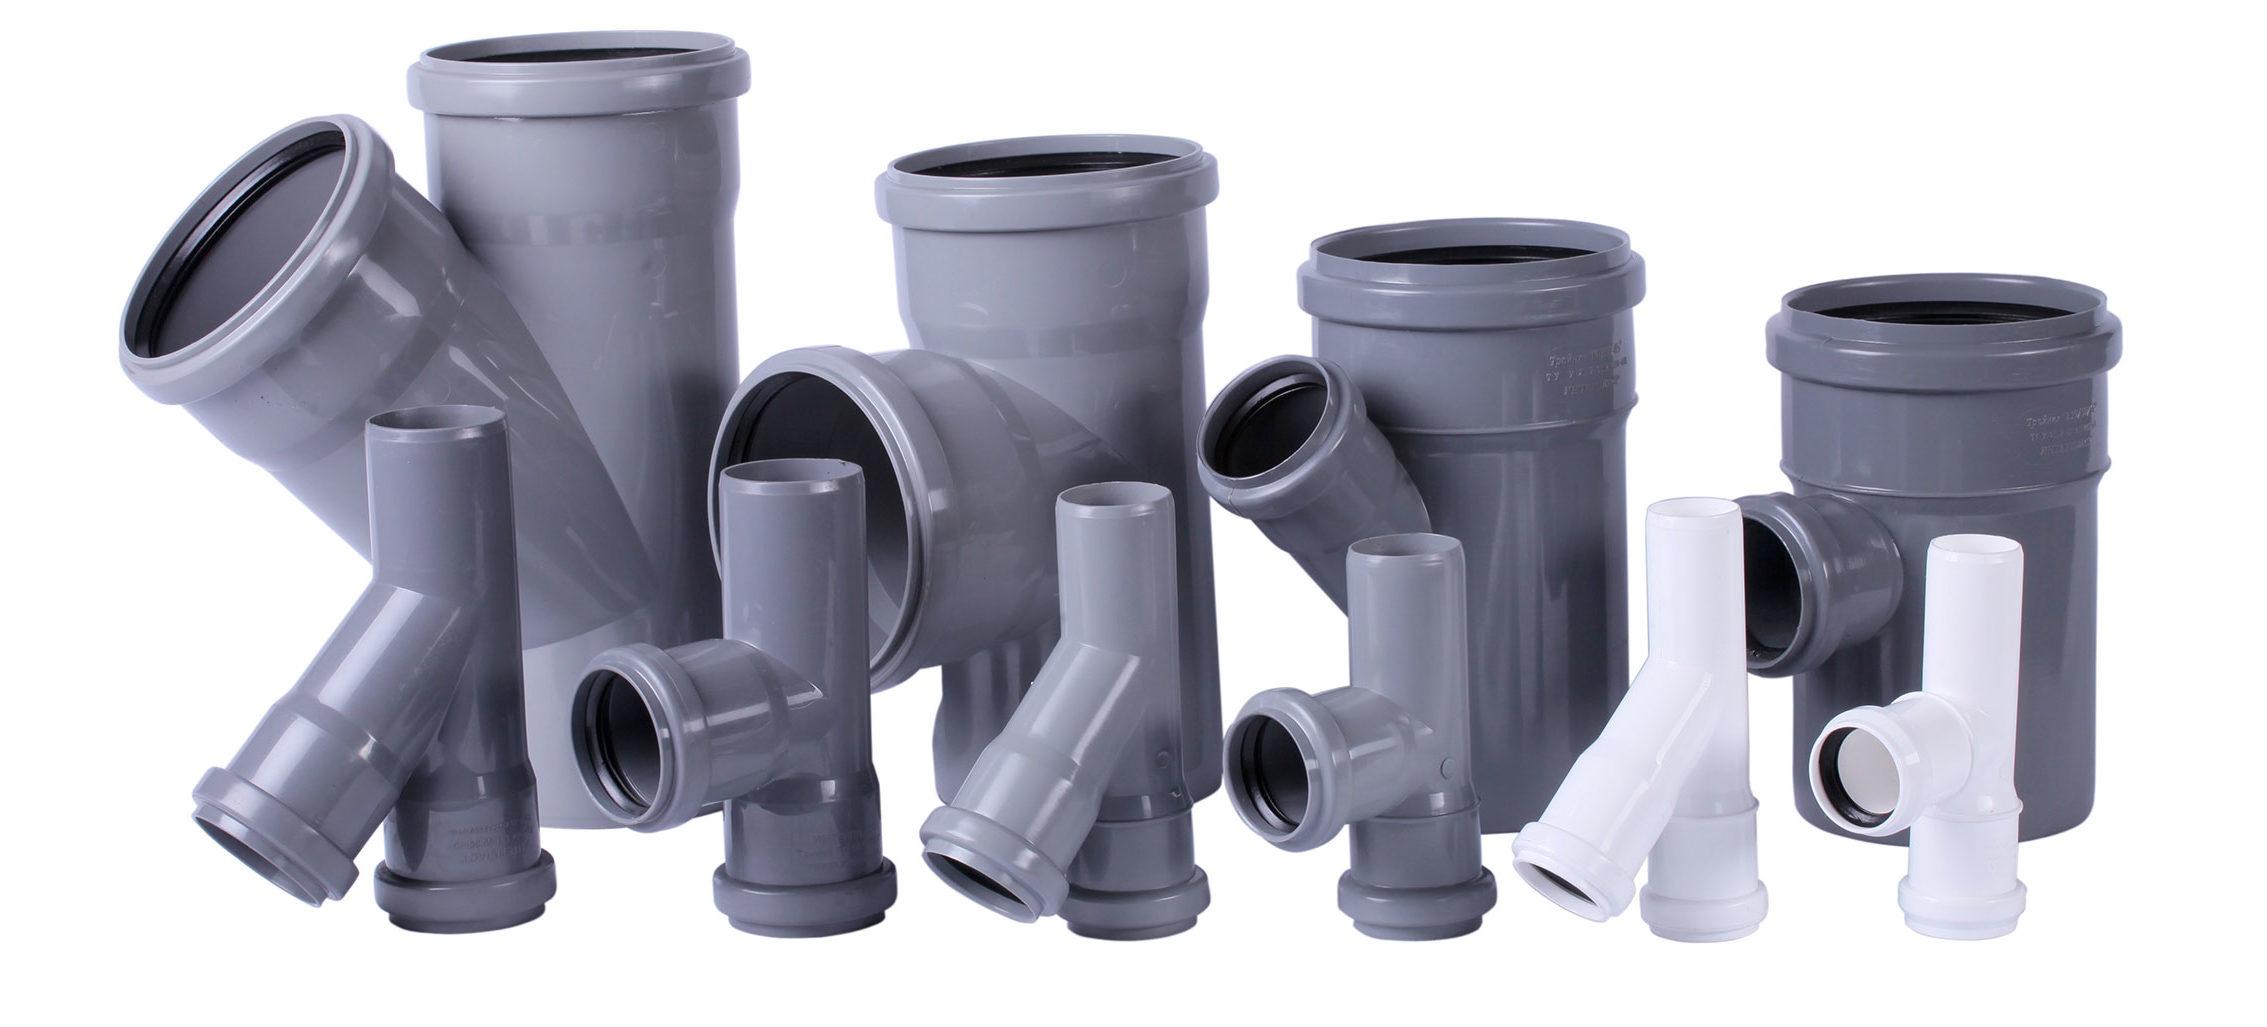 тройники для канализационных труб